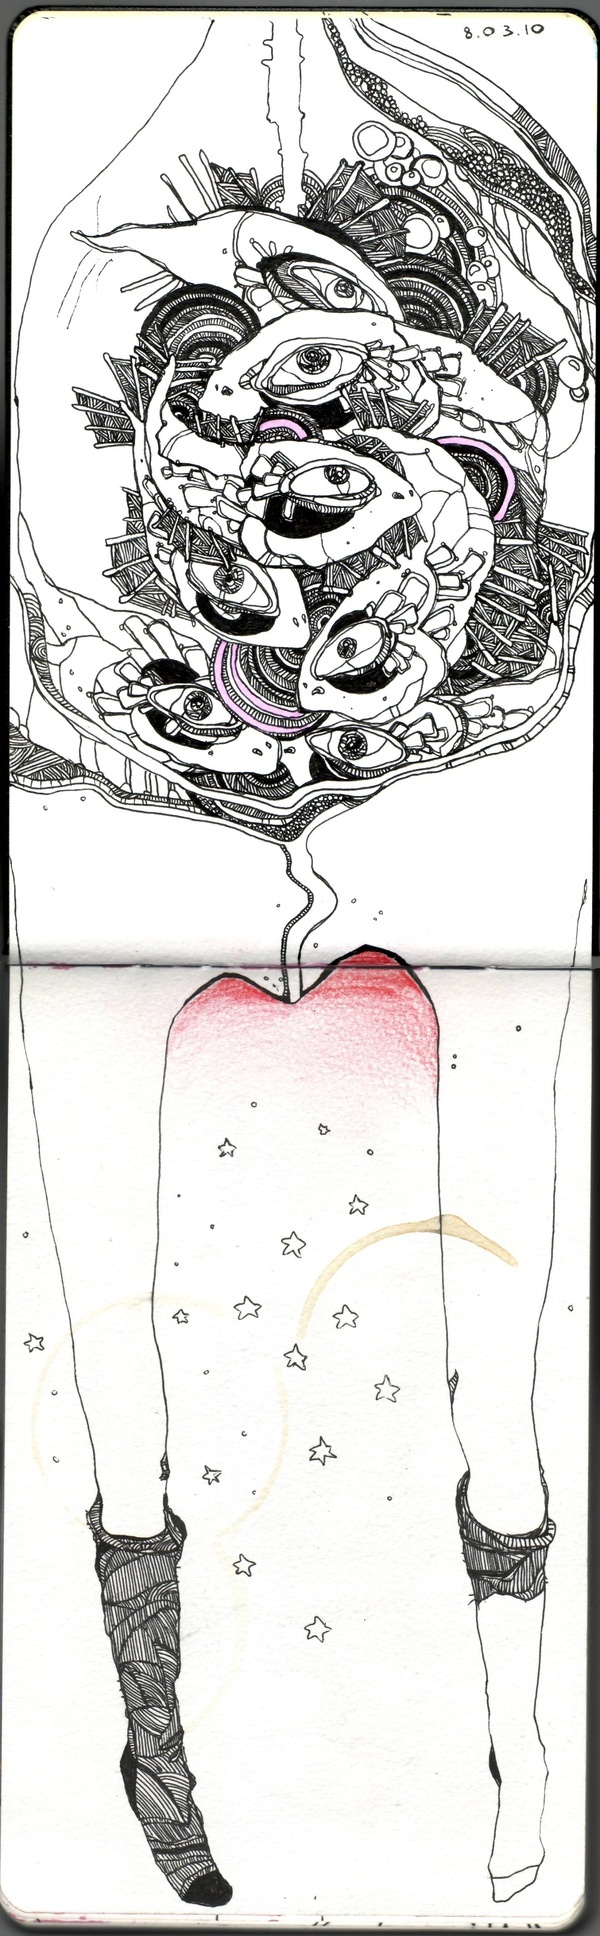 my moleskine by anna kubanova ( annakubanova.com )